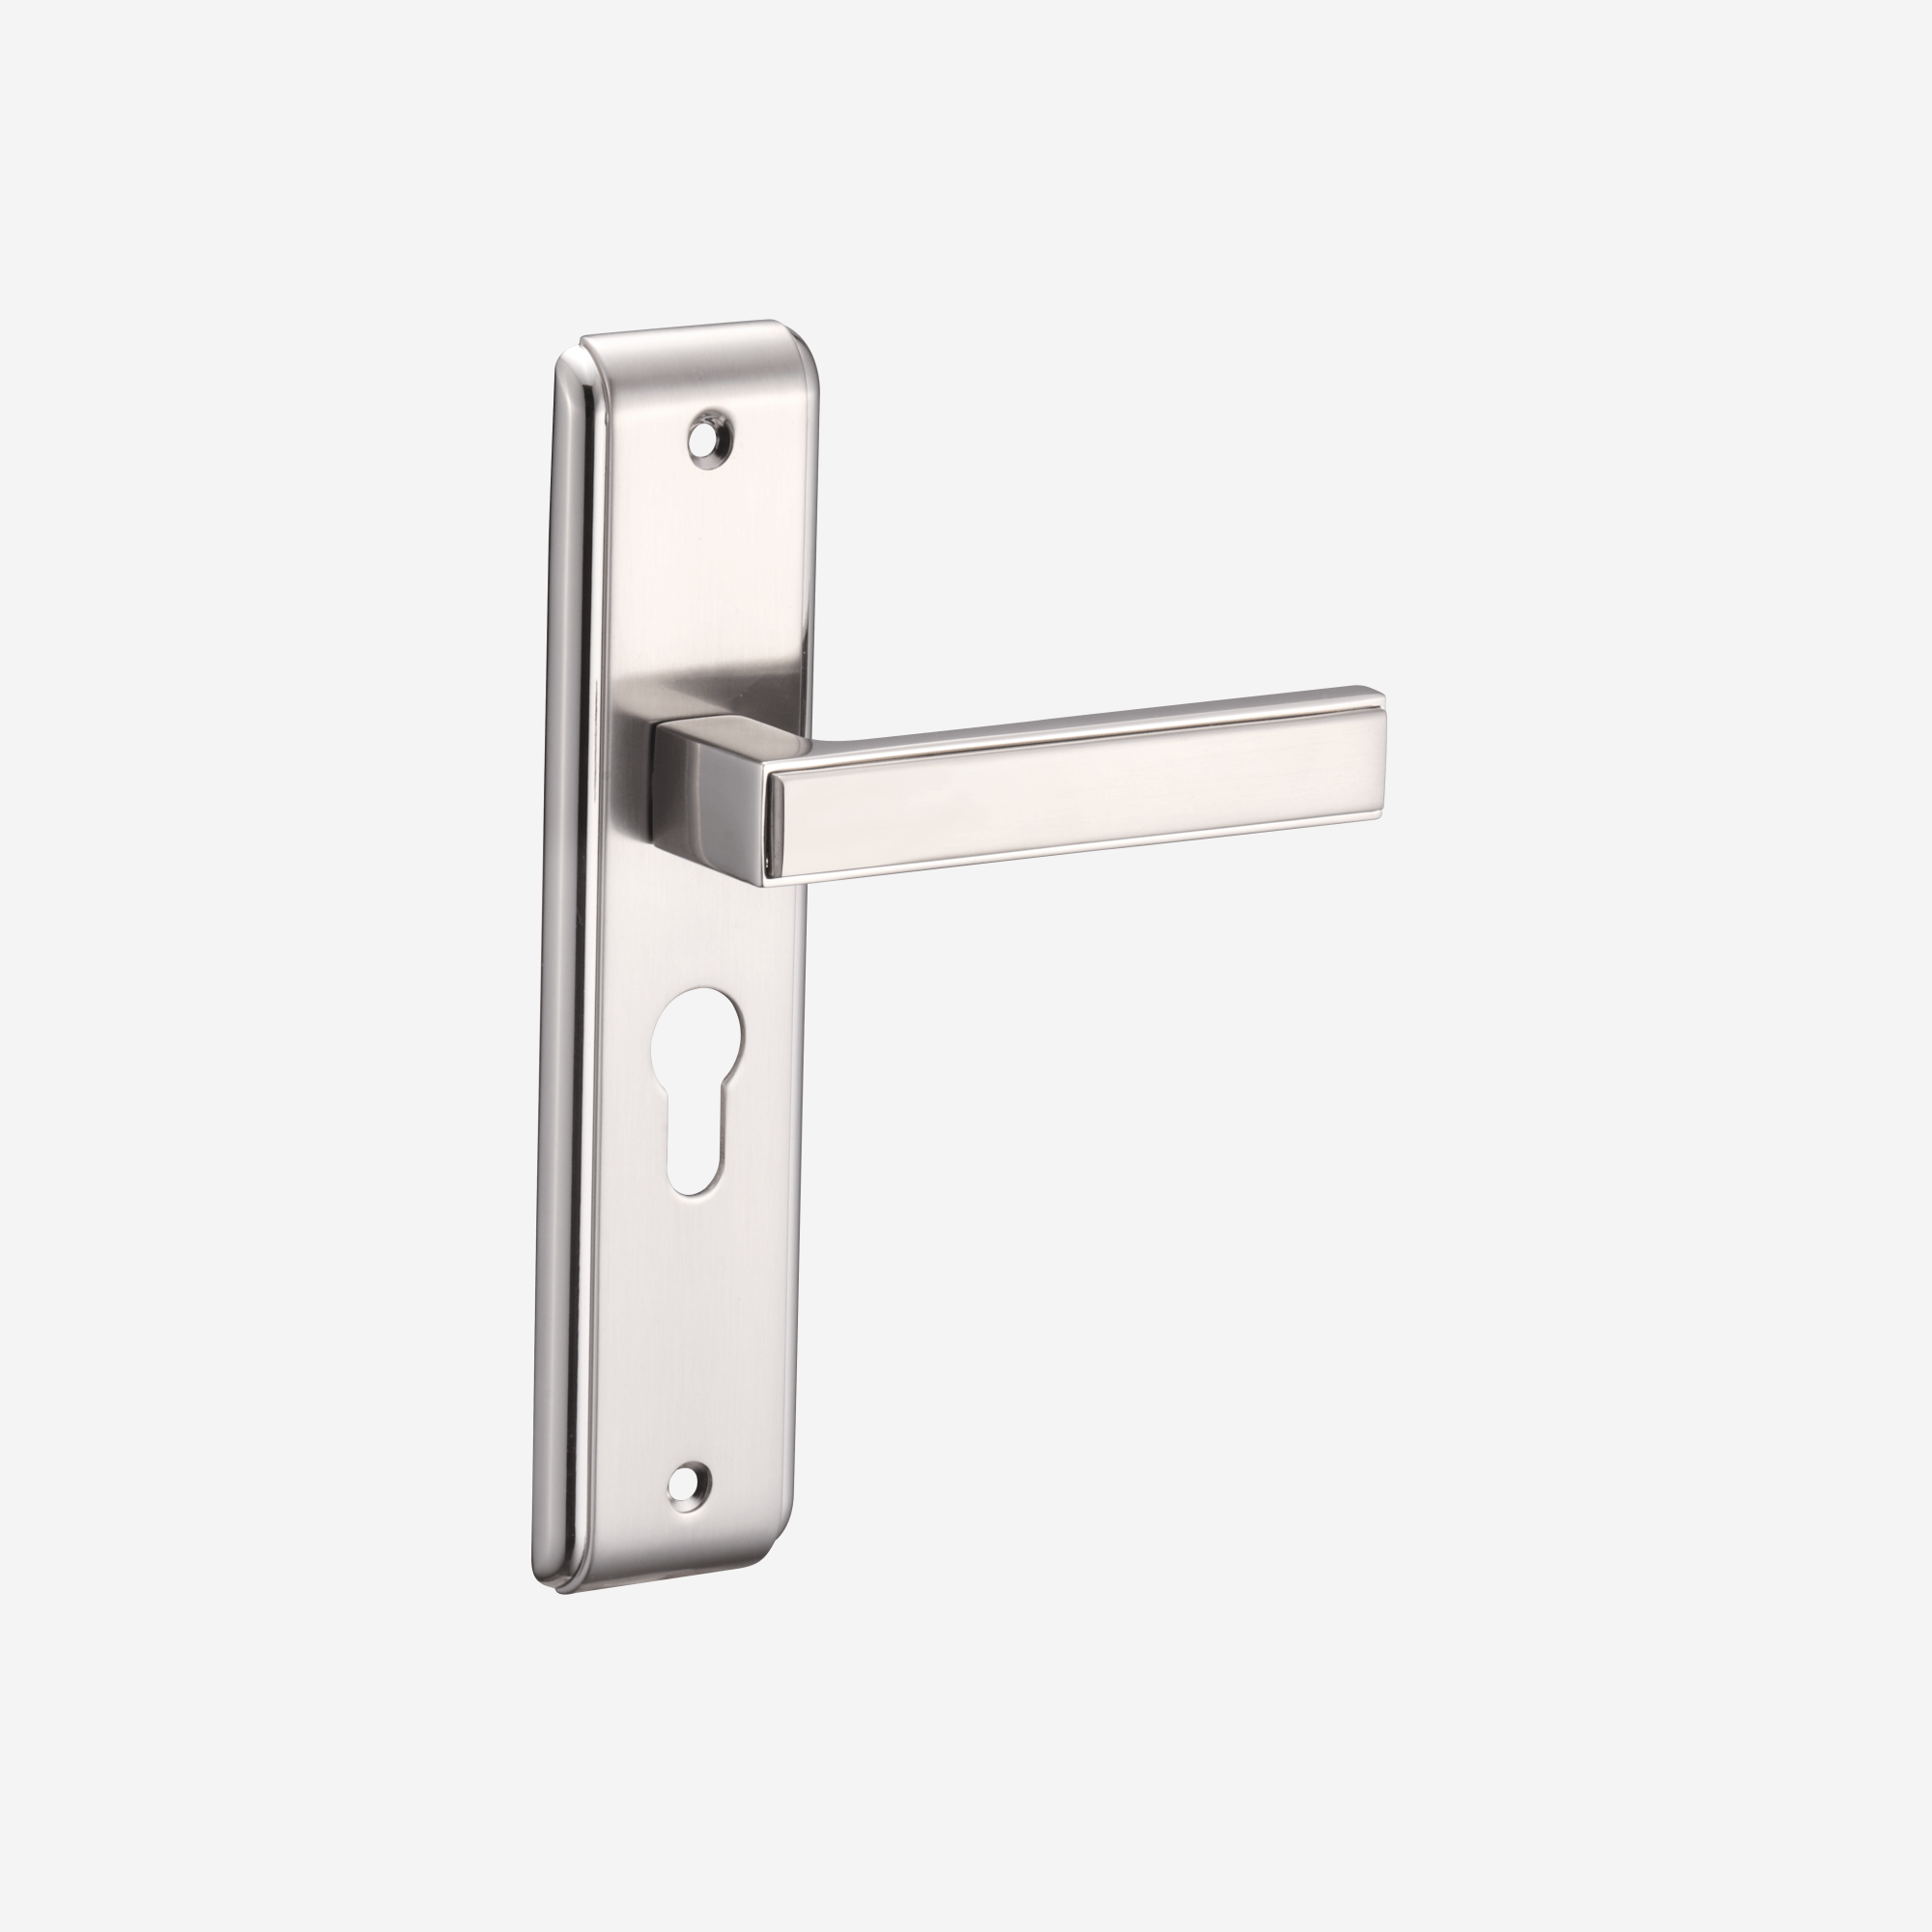 Door Lock Manufacturers, Fire Rated Door Locks Supplier for Home